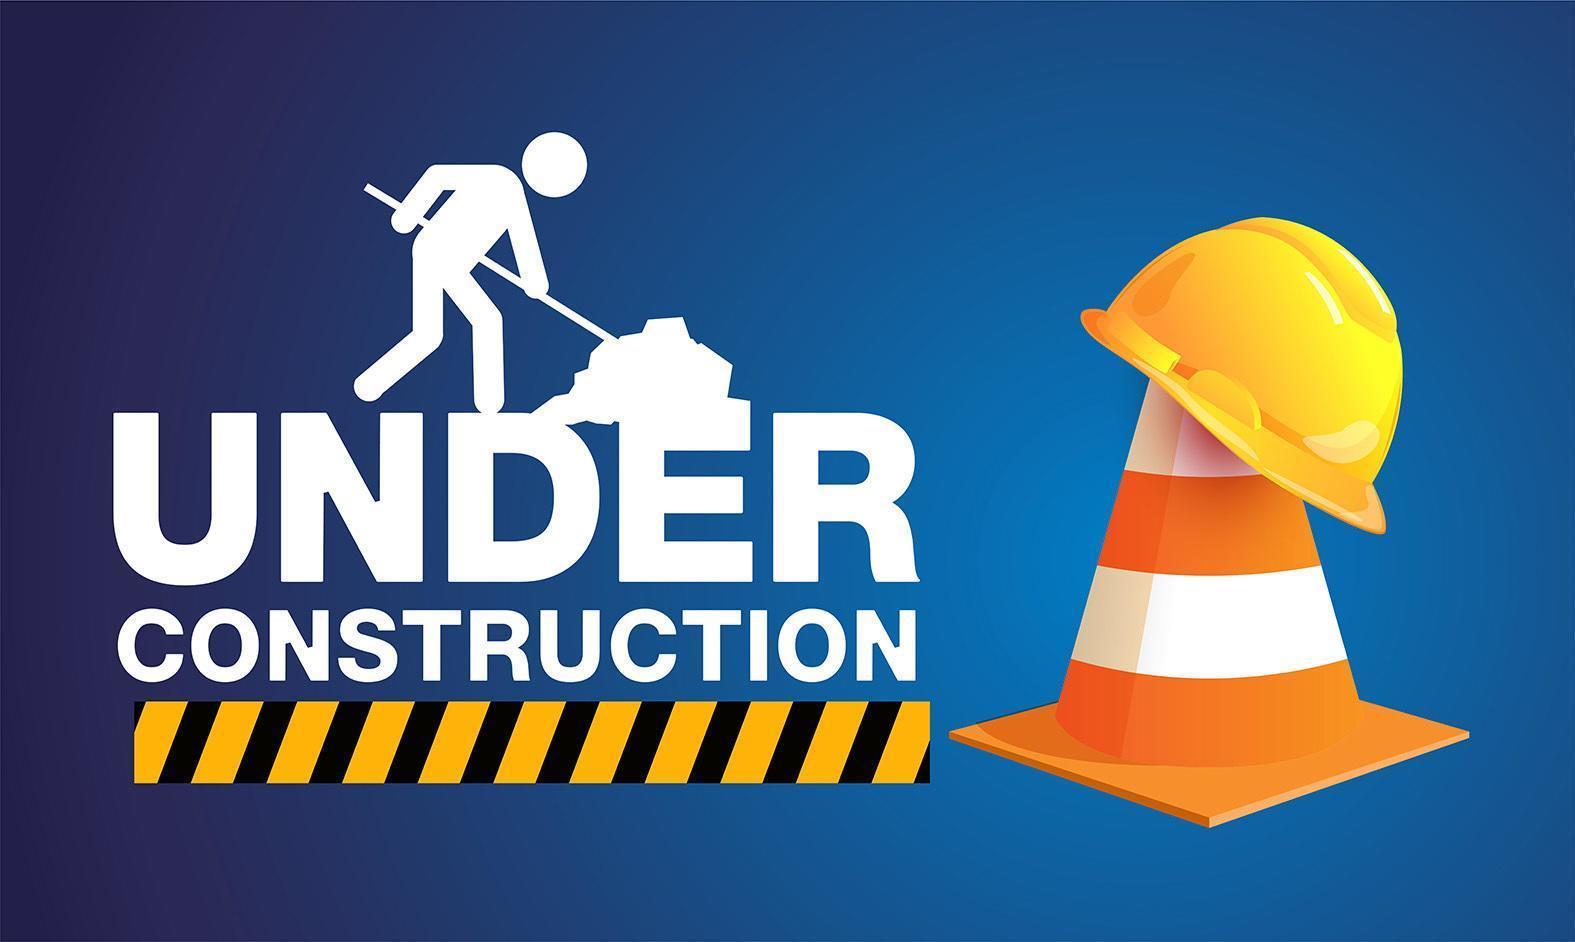 en construction signe avec cône sur dégradé bleu vecteur